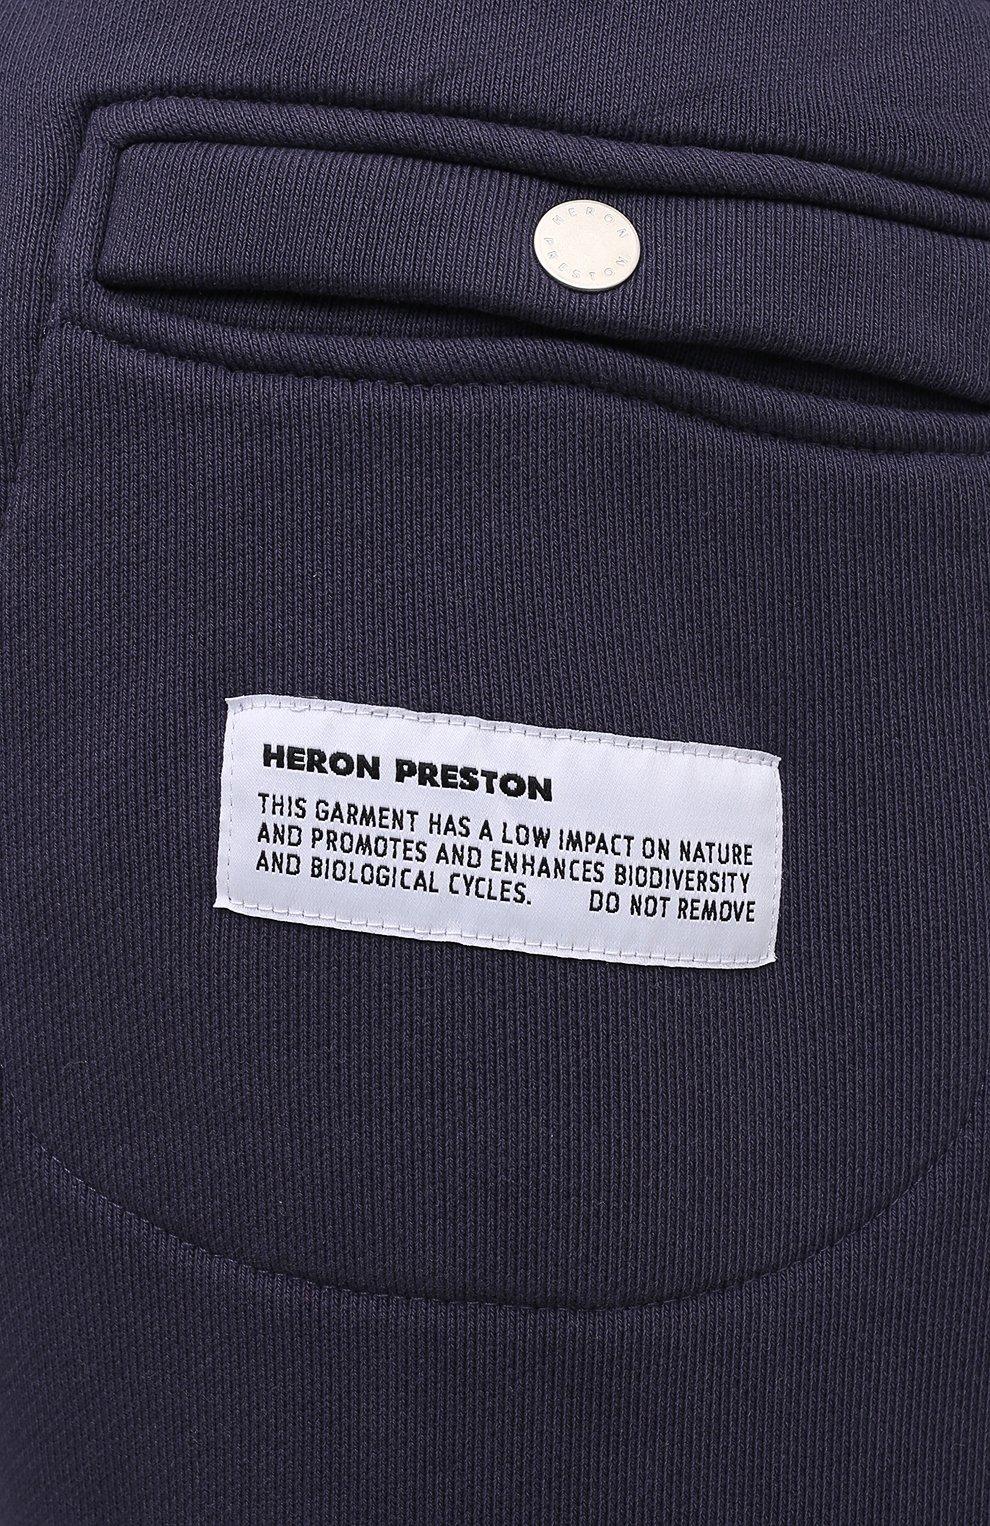 Мужские хлопковые джоггеры HERON PRESTON синего цвета, арт. HMCH014S21JER0010701 | Фото 5 (Мужское Кросс-КТ: Брюки-трикотаж, Джоггеры-одежда; Длина (брюки, джинсы): Стандартные; Материал внешний: Хлопок; Стили: Спорт-шик; Силуэт М (брюки): Джоггеры)